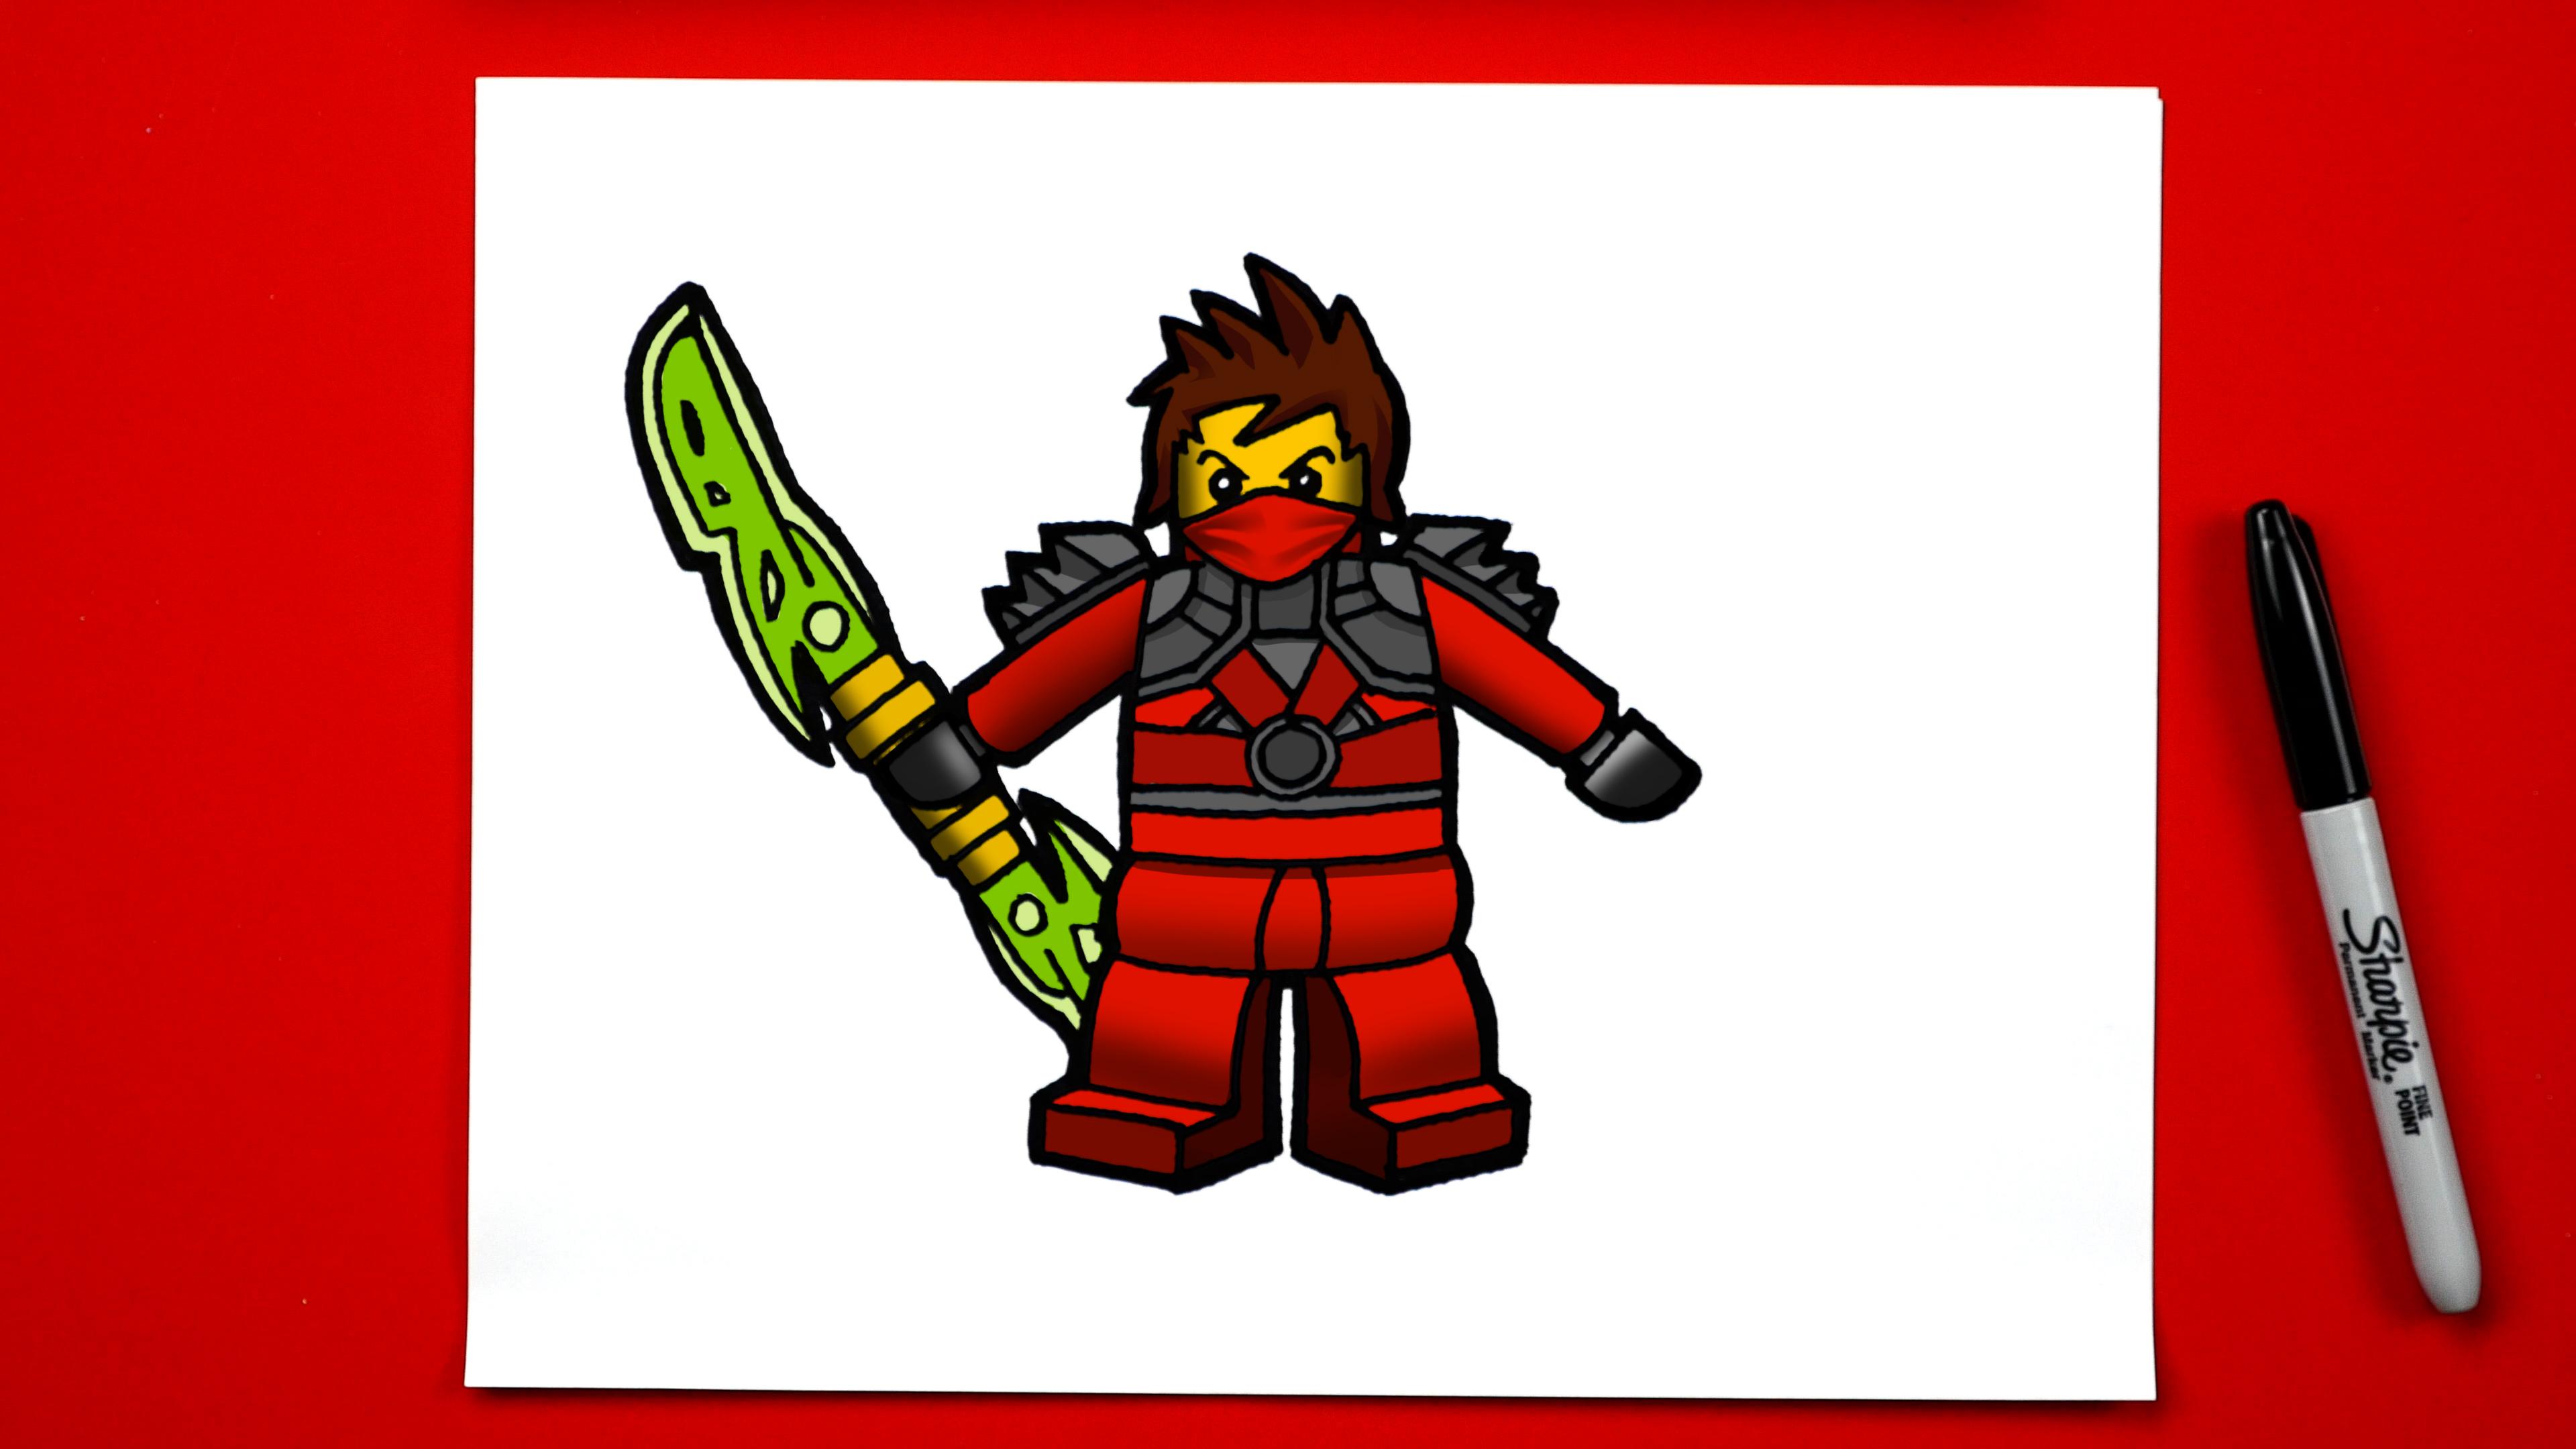 3840x2160 How To Draw Kai From Ninjago